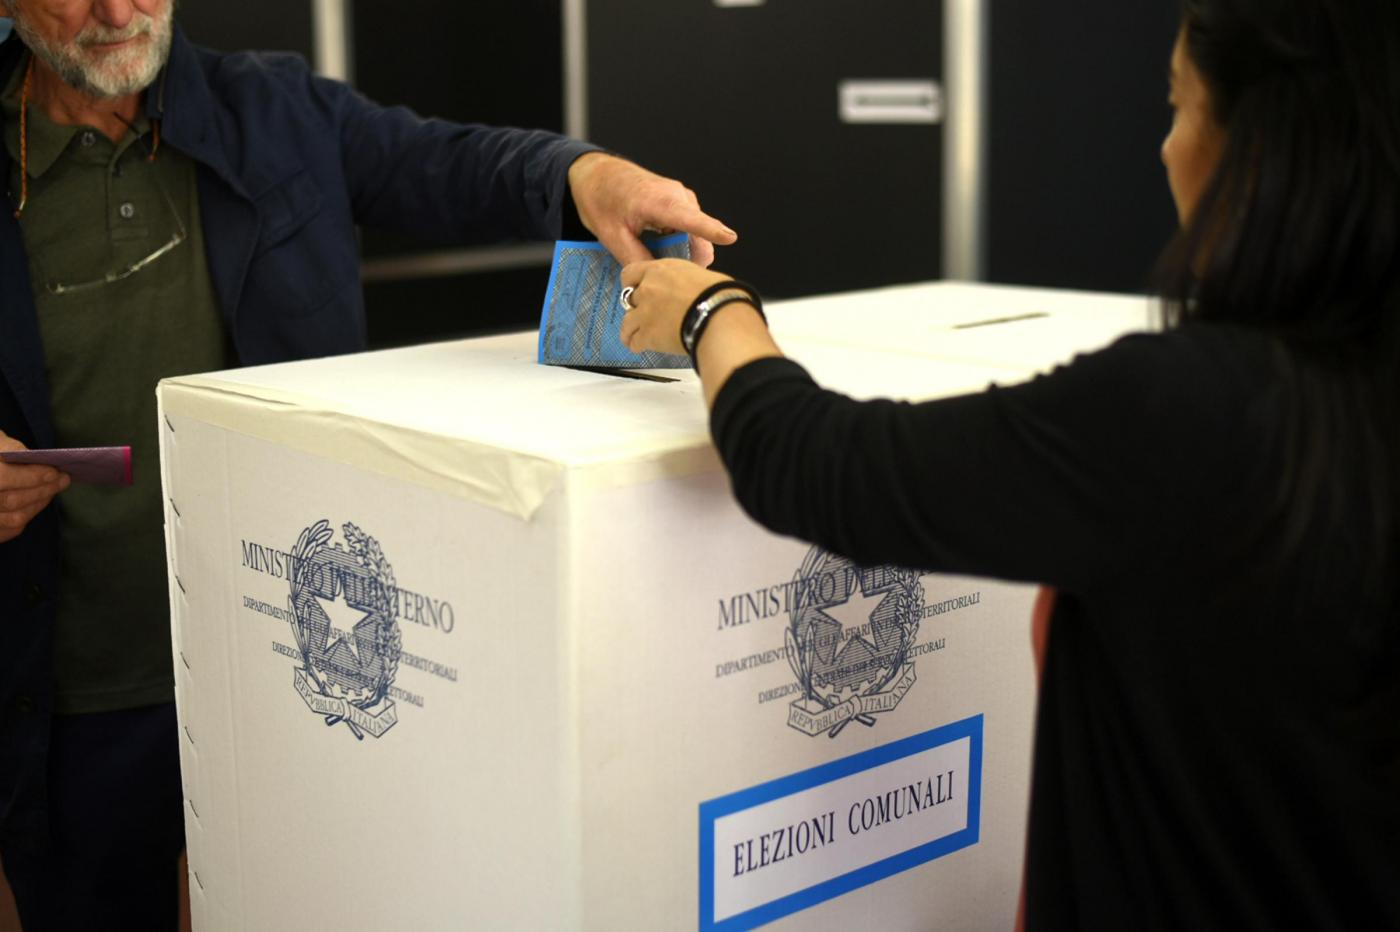 Elezioni Comunali Parma